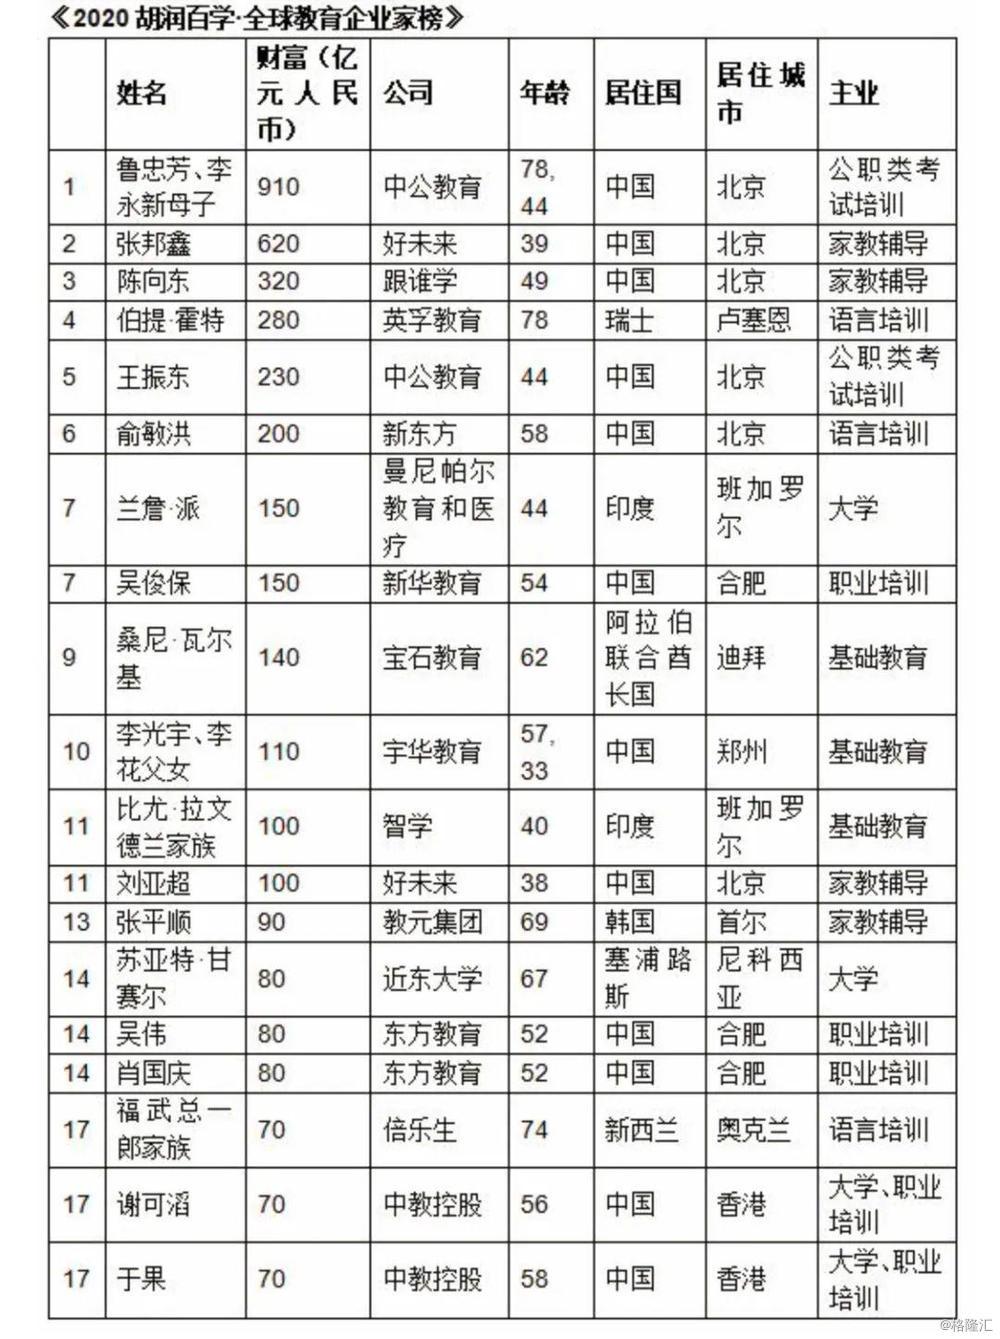 教育企业富豪榜:7家上榜6位出自北大,李永新910亿成全球教育首富,俞敏洪200亿元列第六